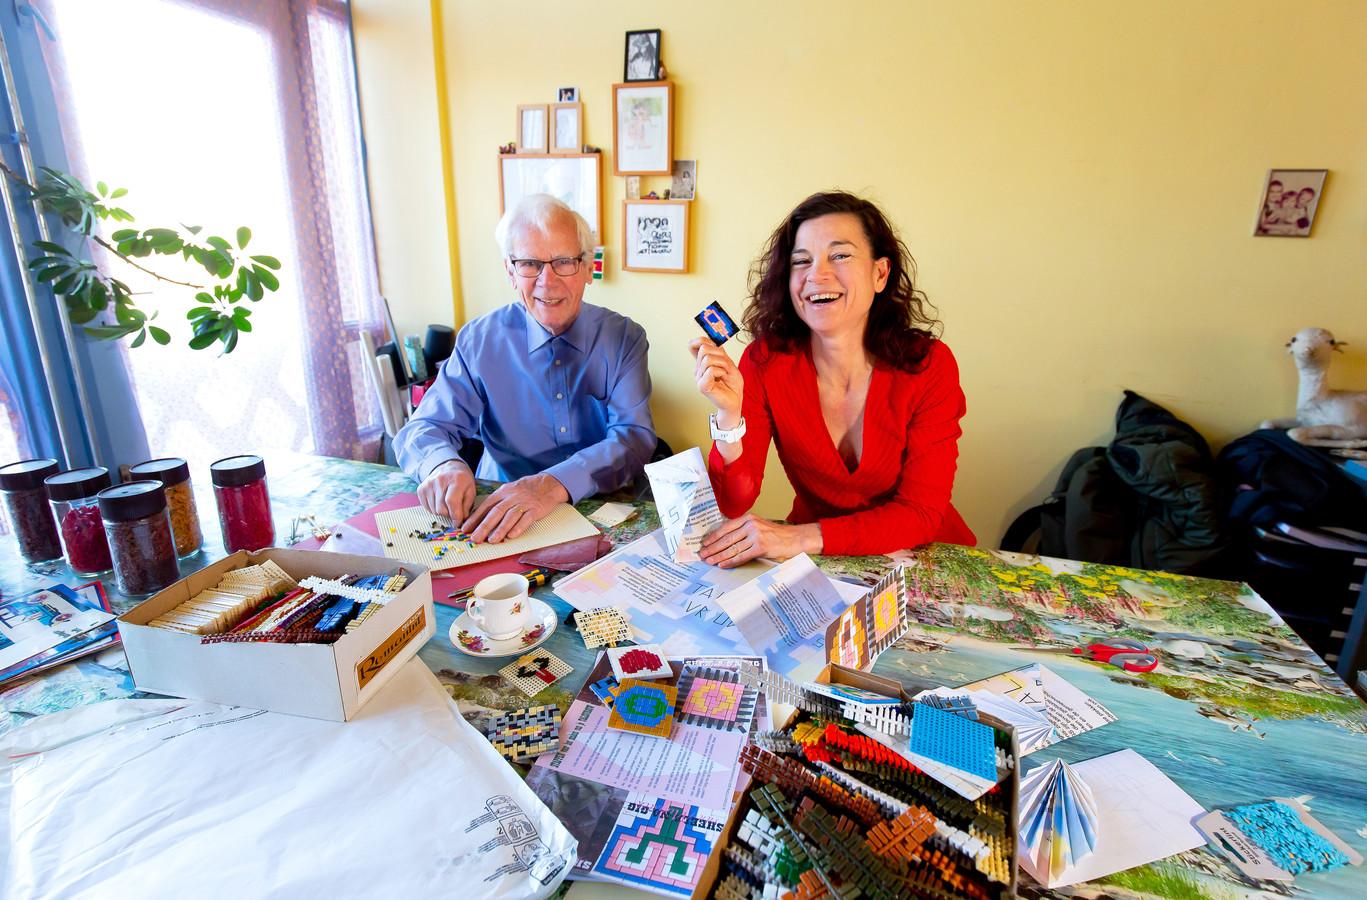 Yvonne Beelen en haar vader Harrie maken 'talisvrouwen' (kleine Ministeck-kunstwerkjes van vagina's).